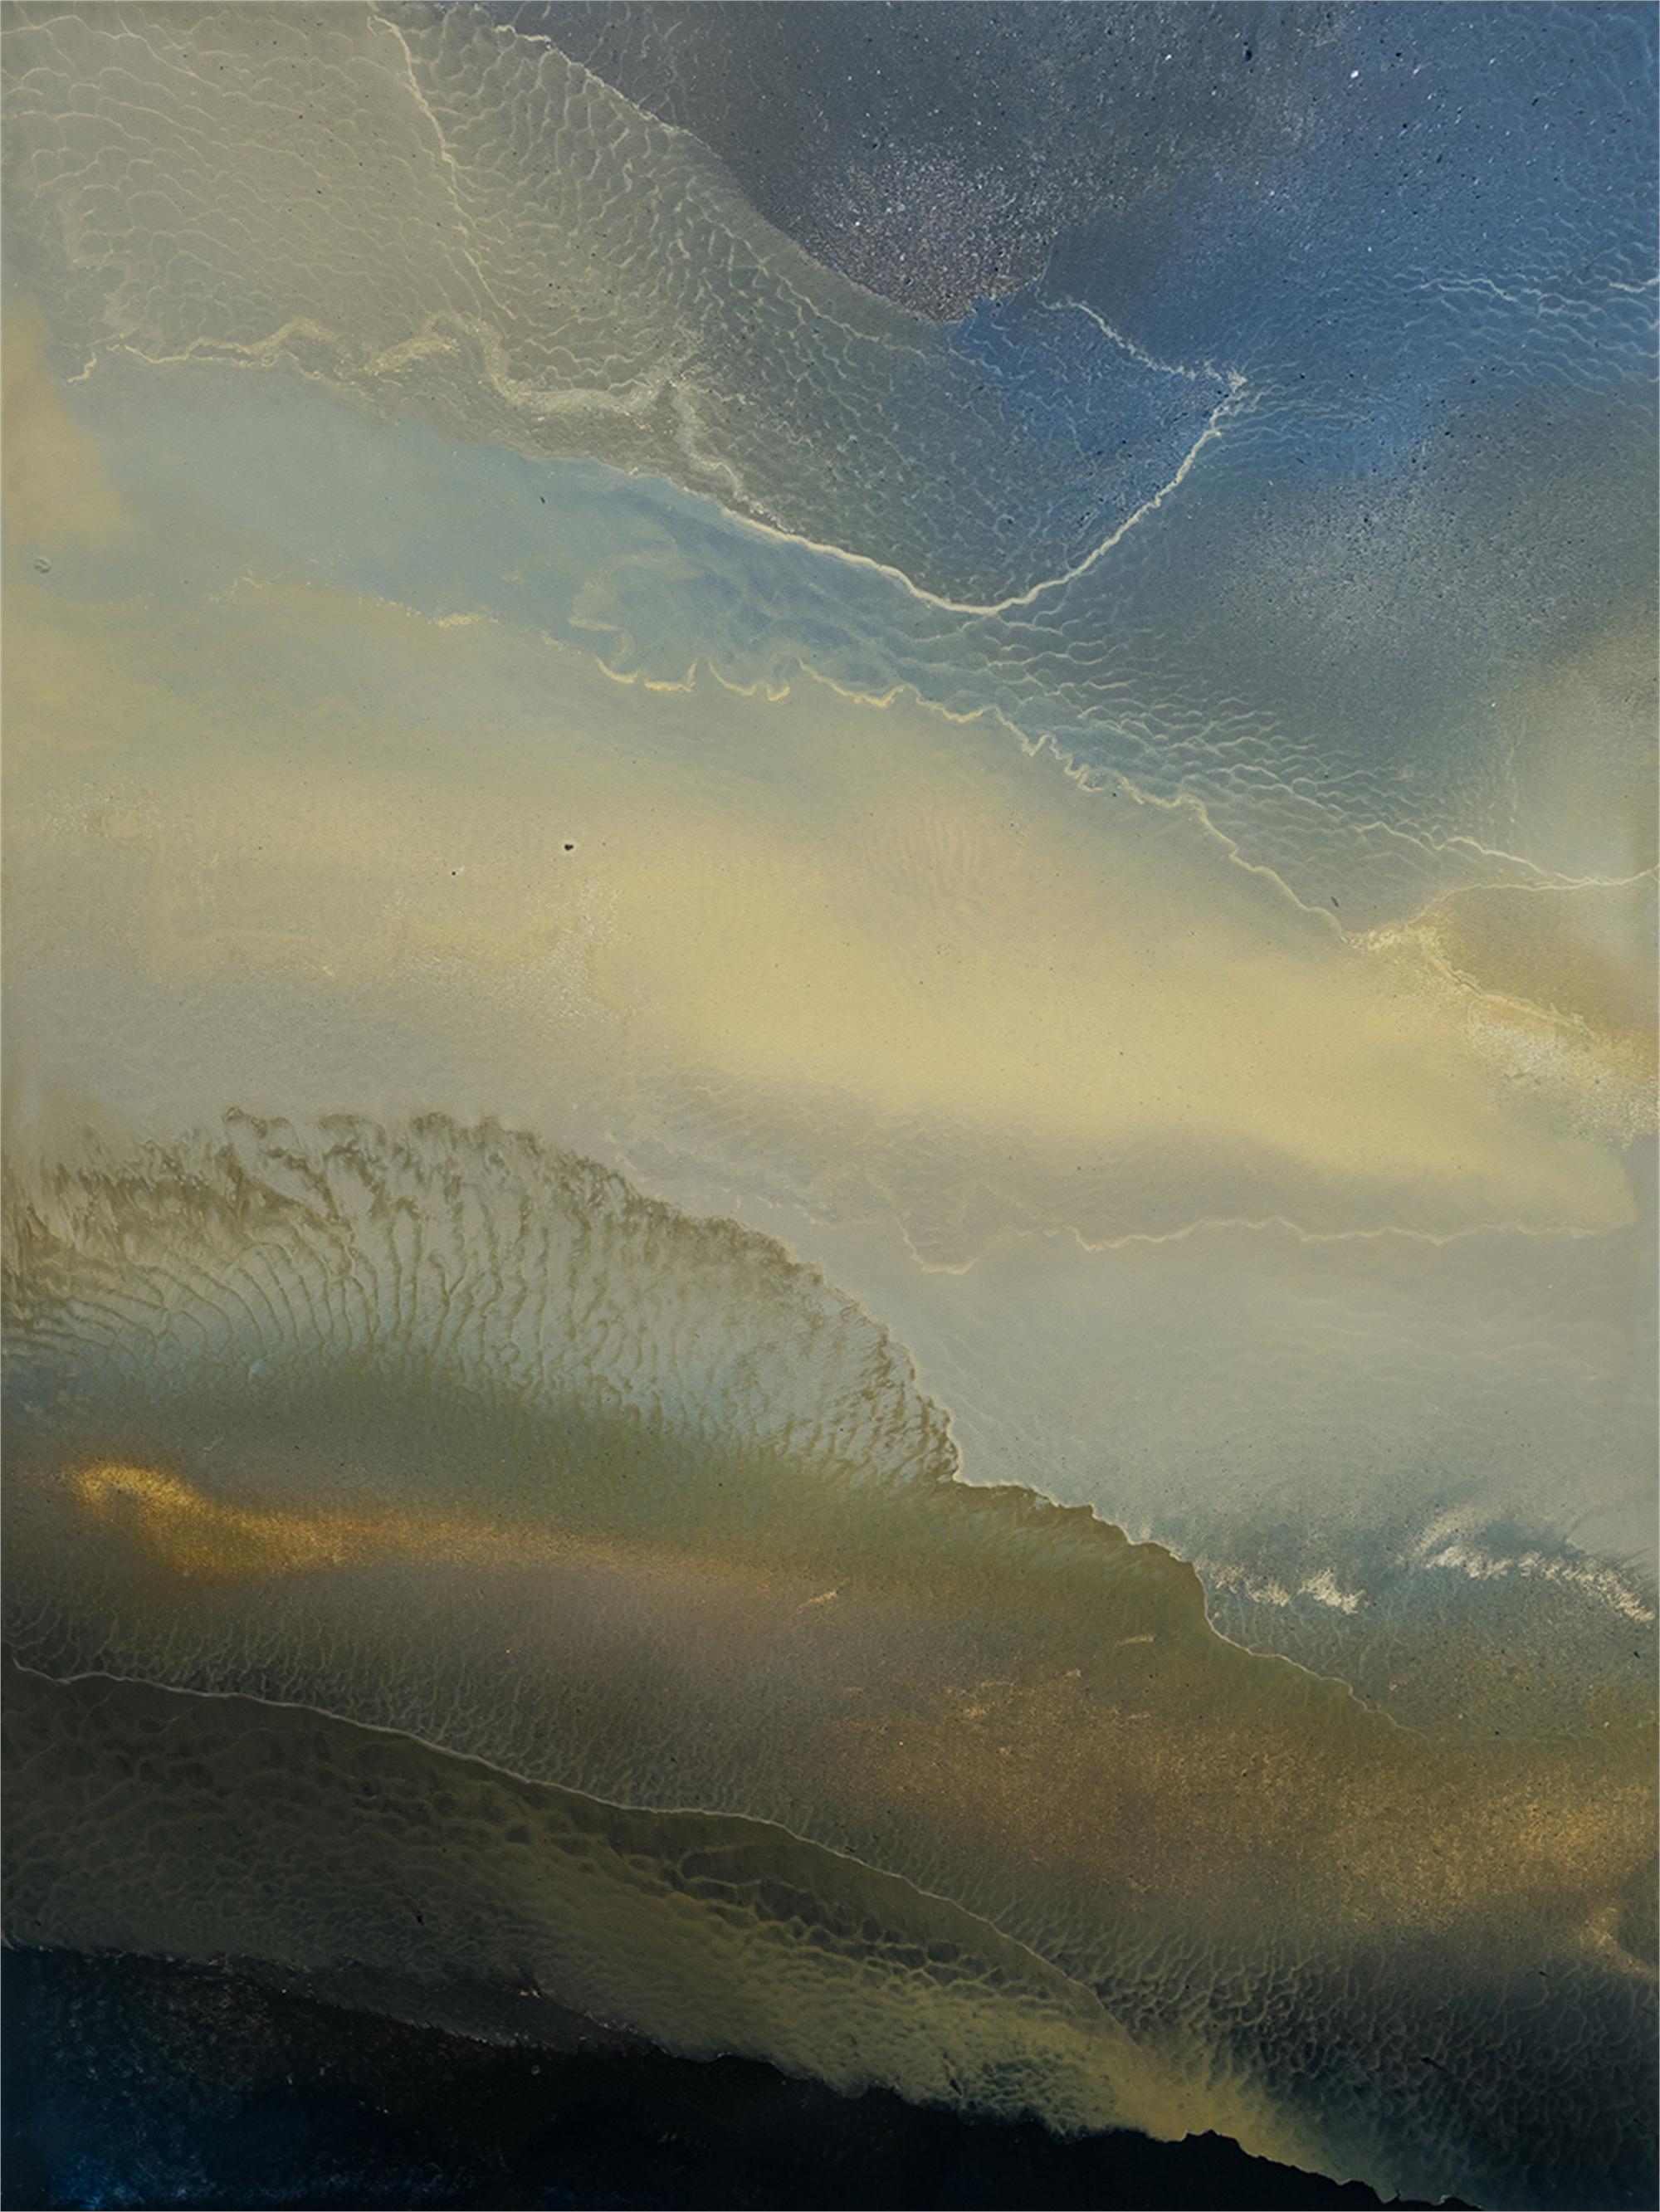 Bluff by Alla Goniodsky